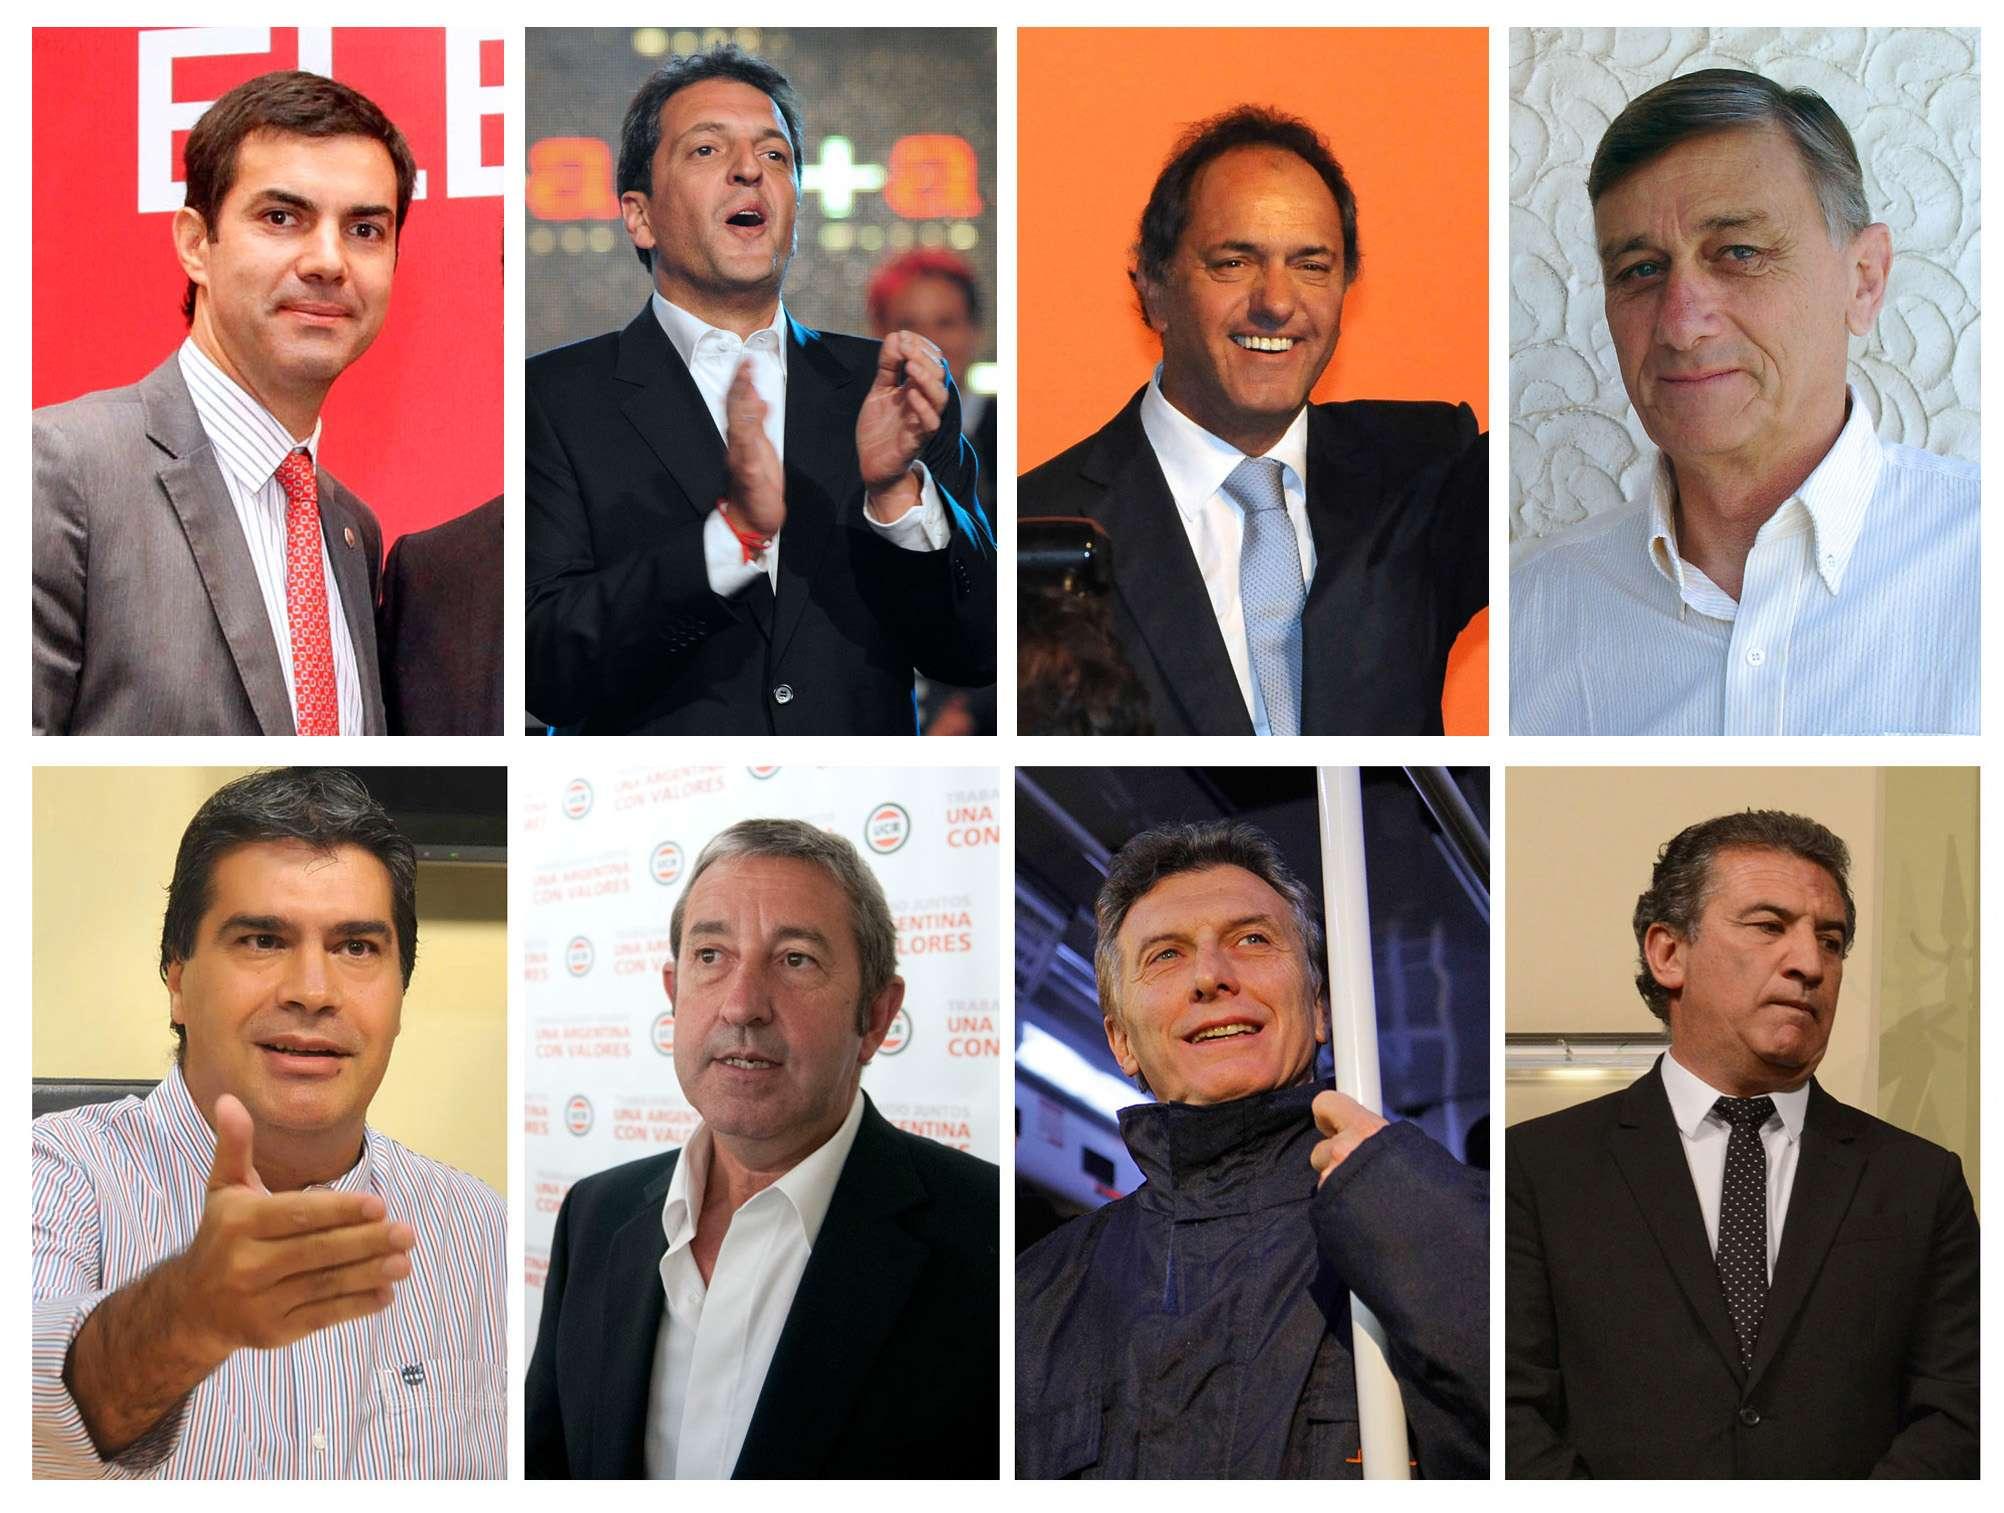 ¿Qué precandidatos presidenciales harán un debate en 2015? Foto: Agencias